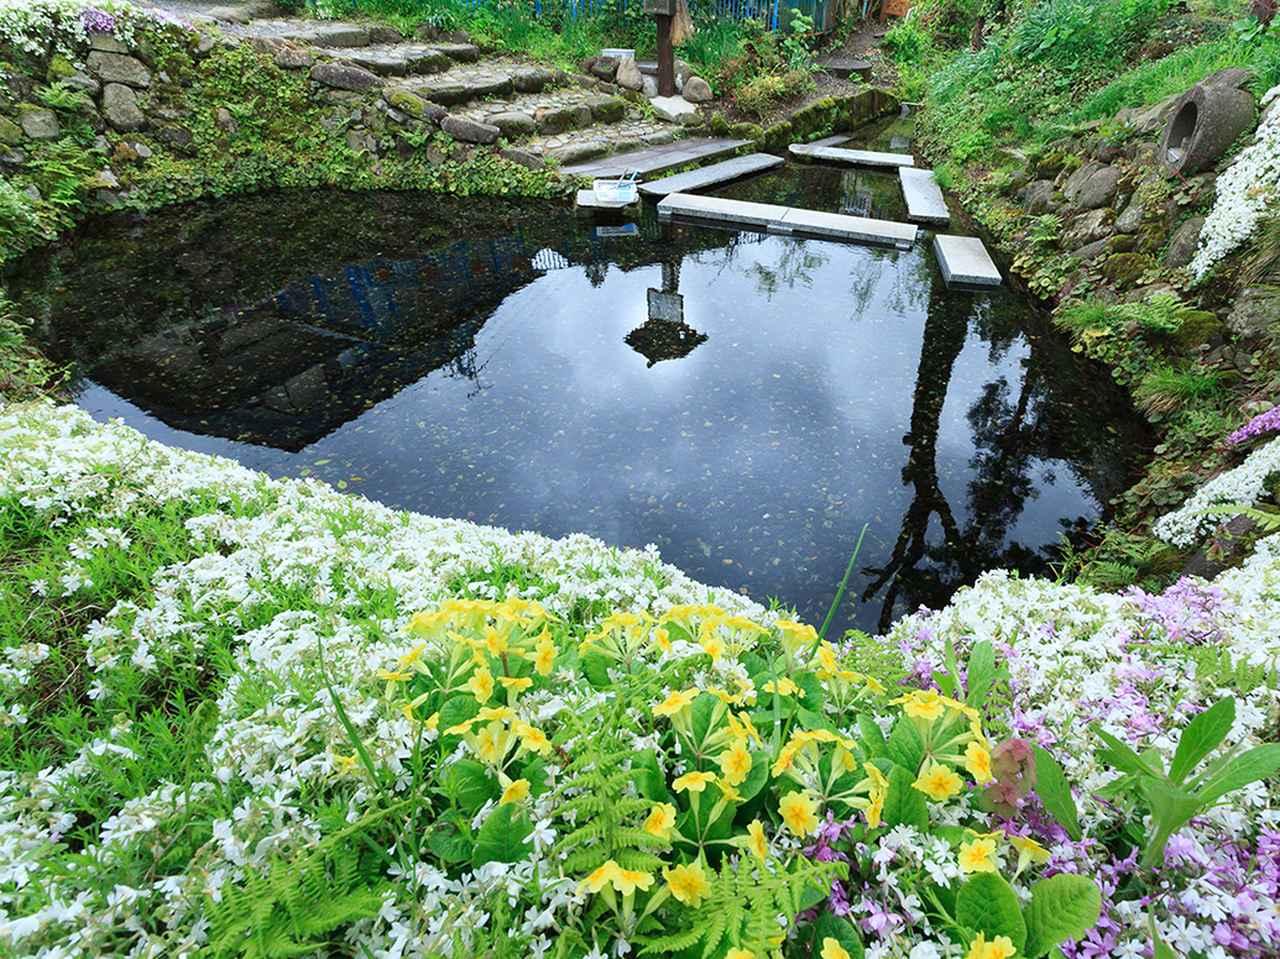 画像2: 【絶景⑦】足清水などを楽しめる「六郷湧水群」で癒やしのひとときを(美郷町)